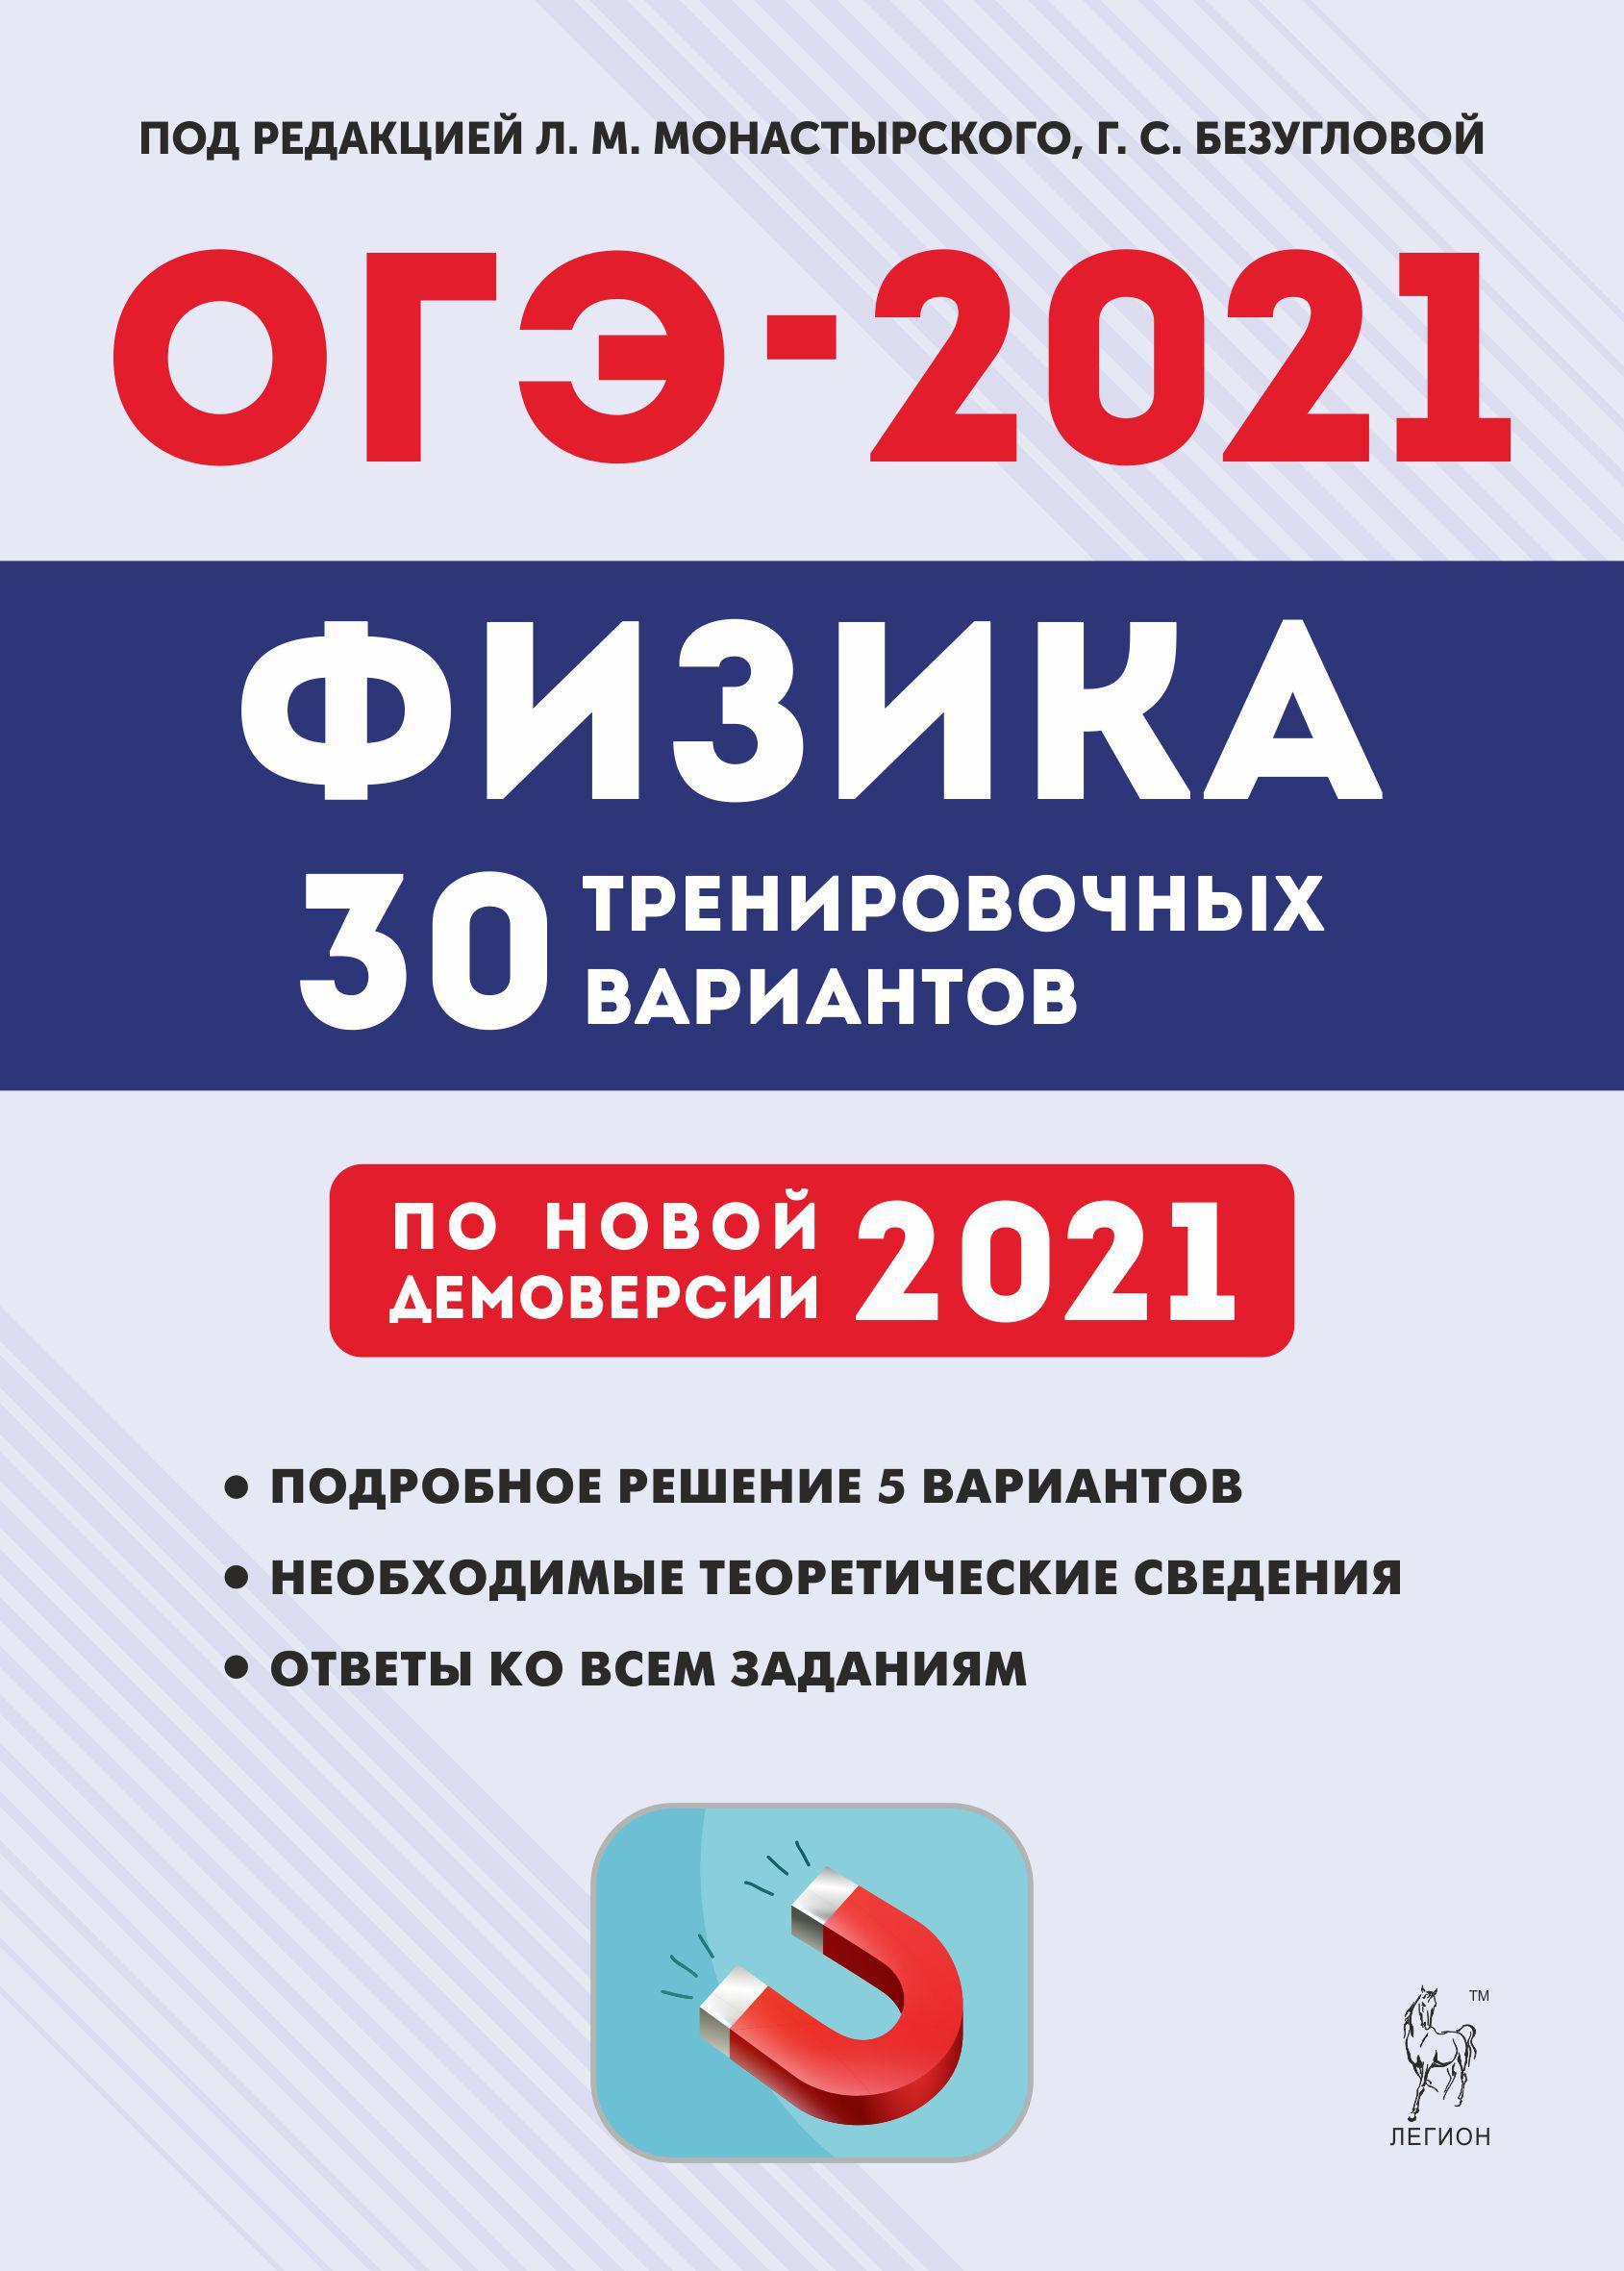 Физика. Подготовка к ОГЭ-2021. 9 кл. 30 тренировочных вариантов по демоверсии 2021 года. /Монастырский.